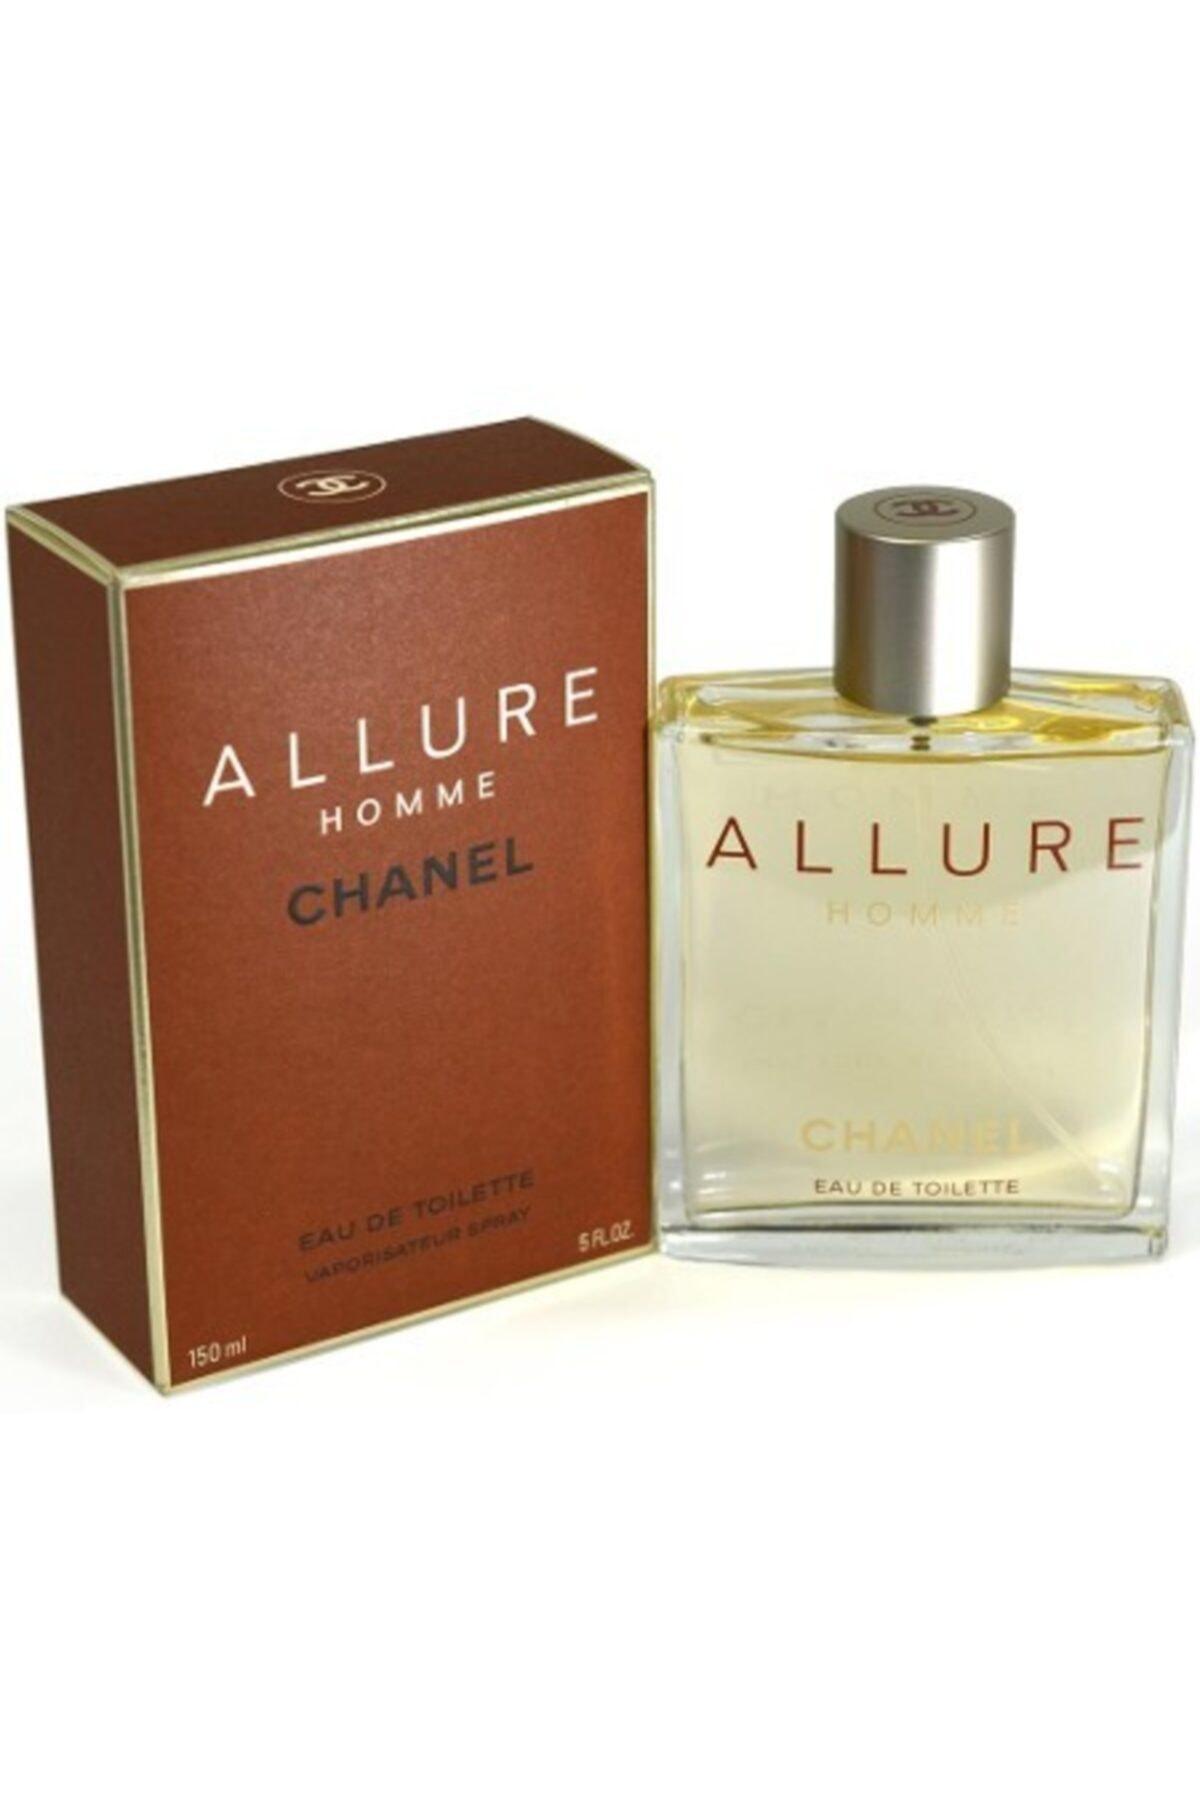 Chanel Allure Edt 150 ml Erkek Parfümü 3145891214802 1